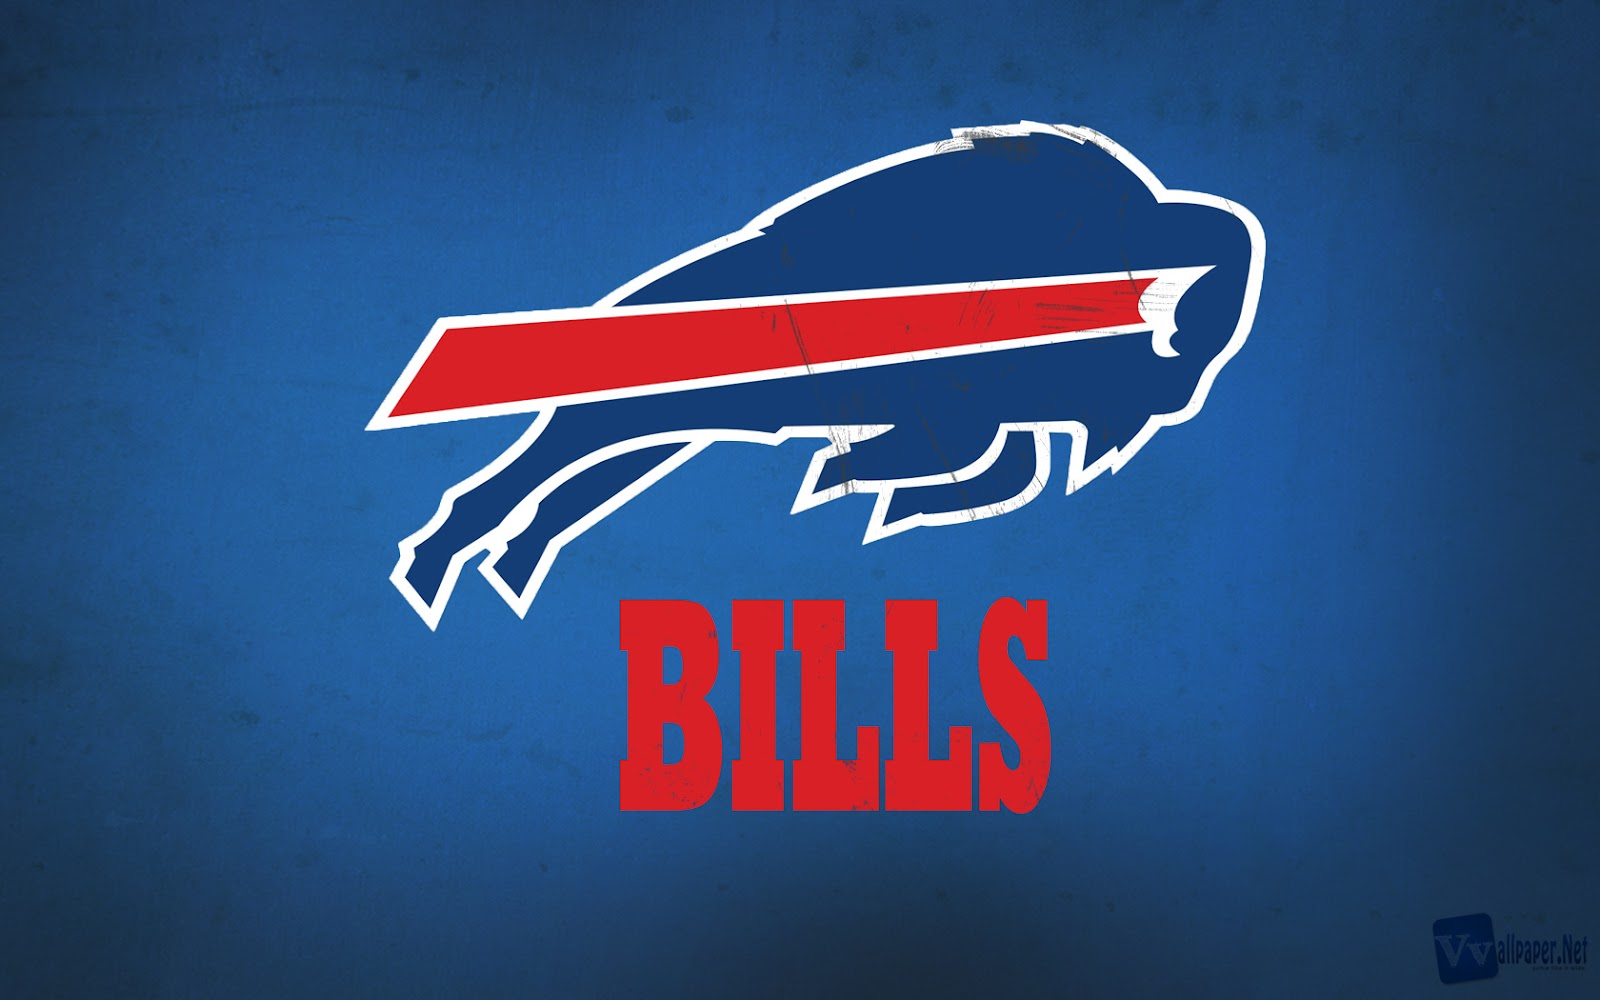 Bills Buffalo Bills Logo Design Desktop Wallpaper VvallapperNetjpg 1600x1000